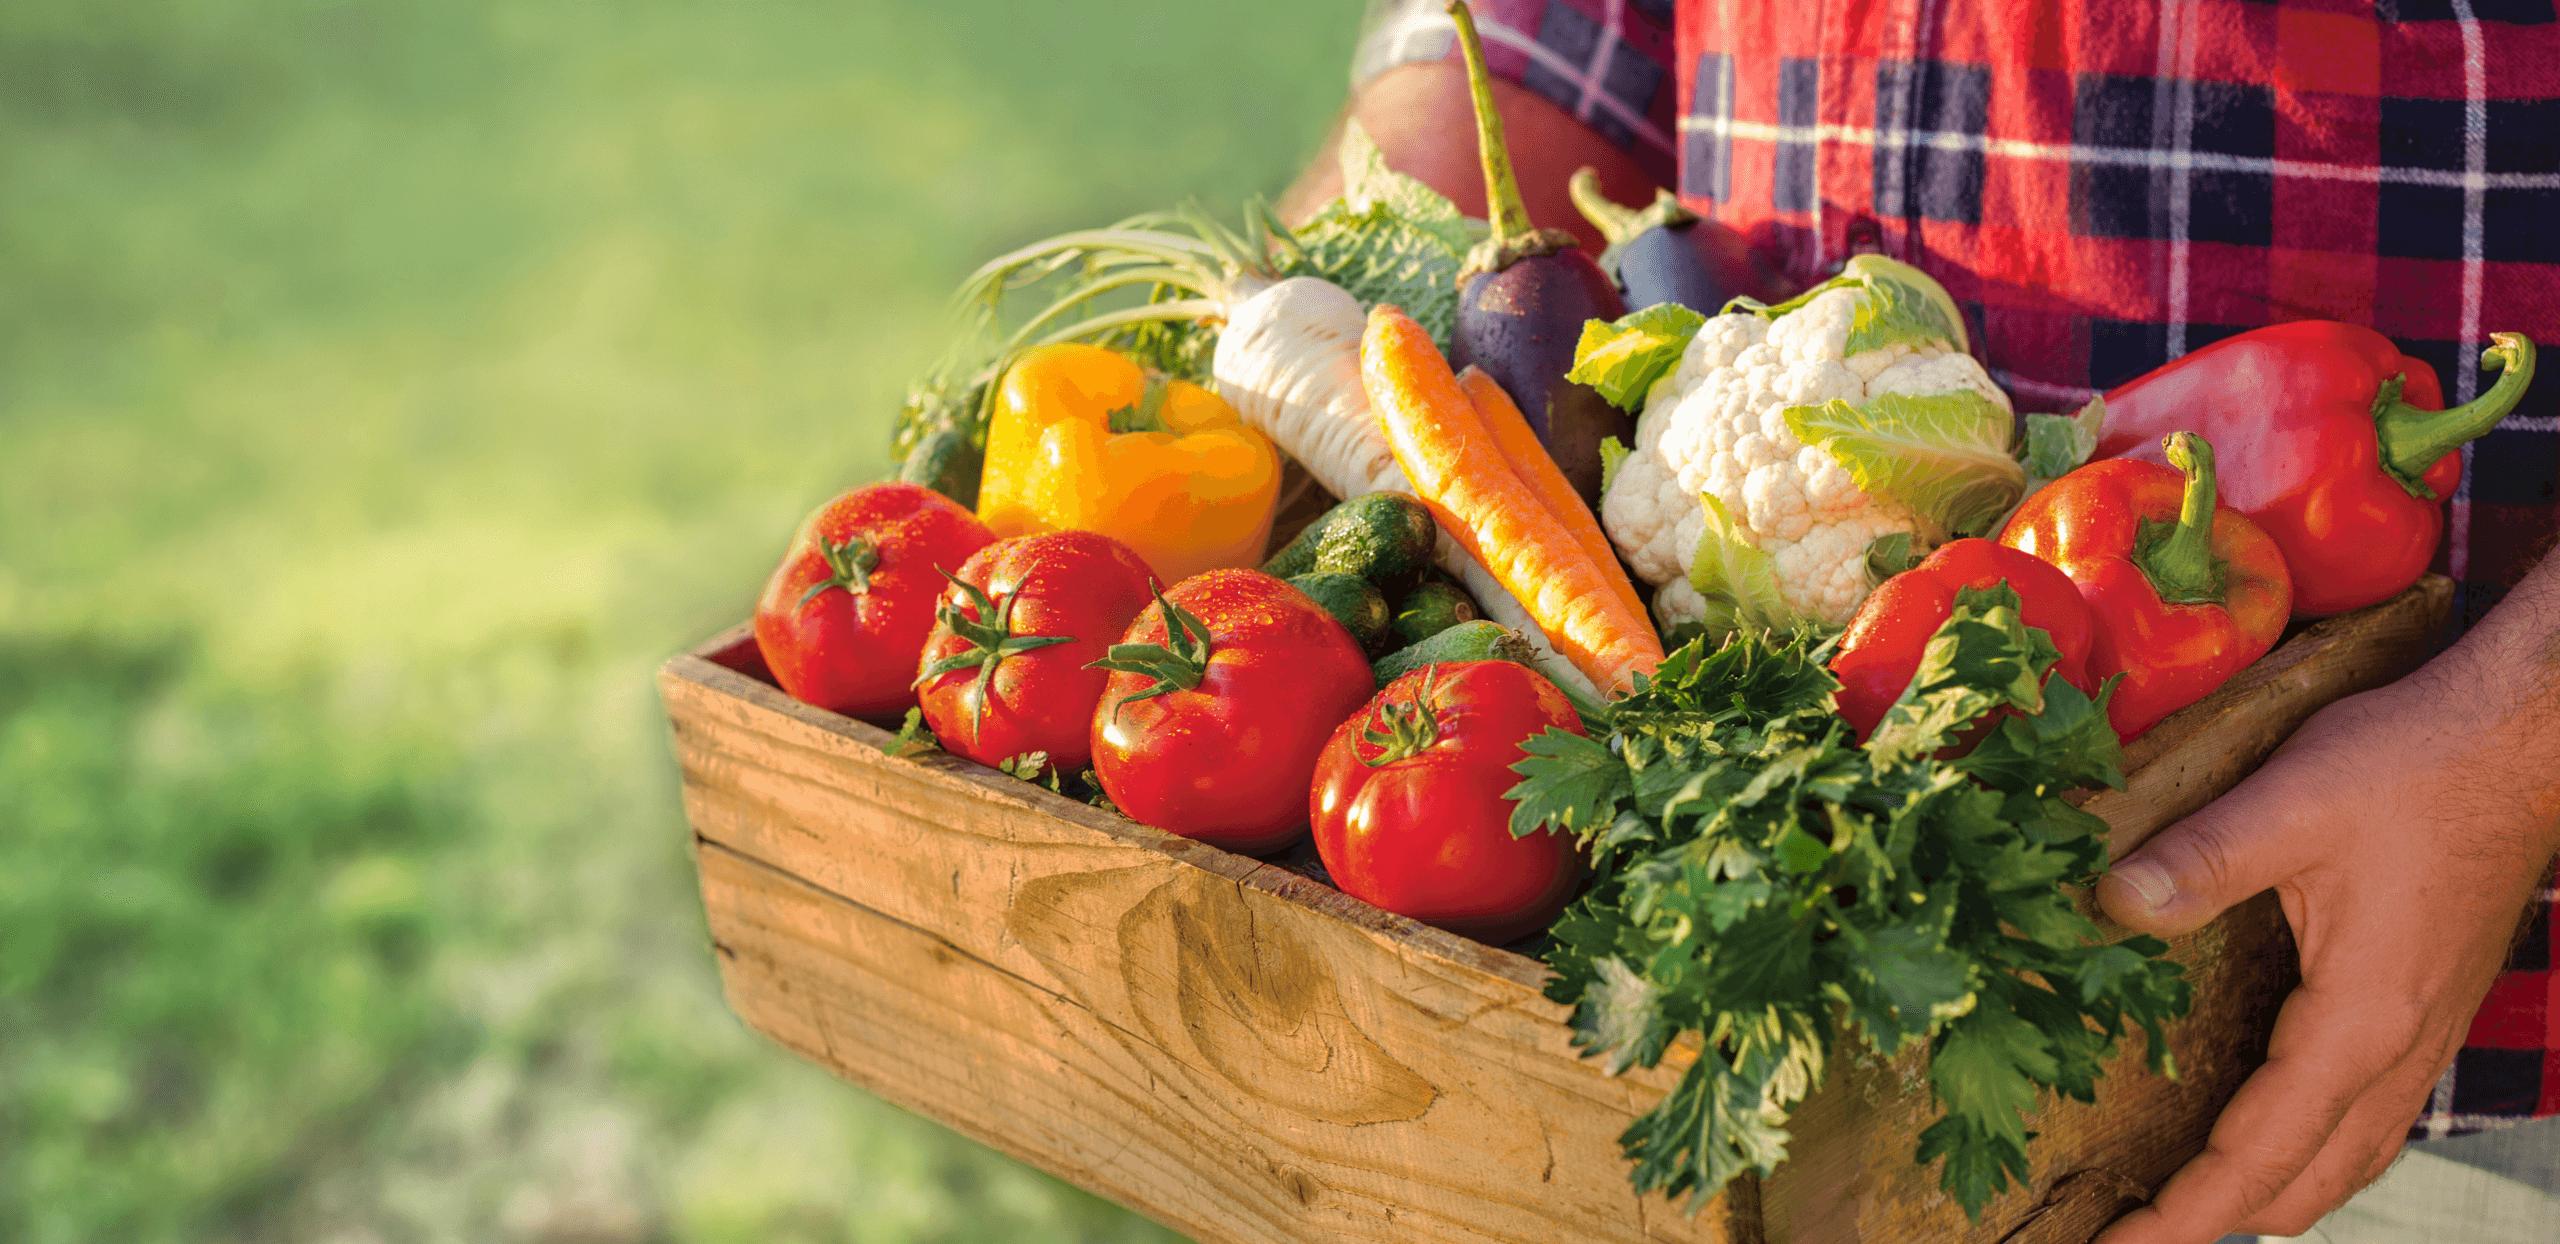 ニキビと野菜のまとめ